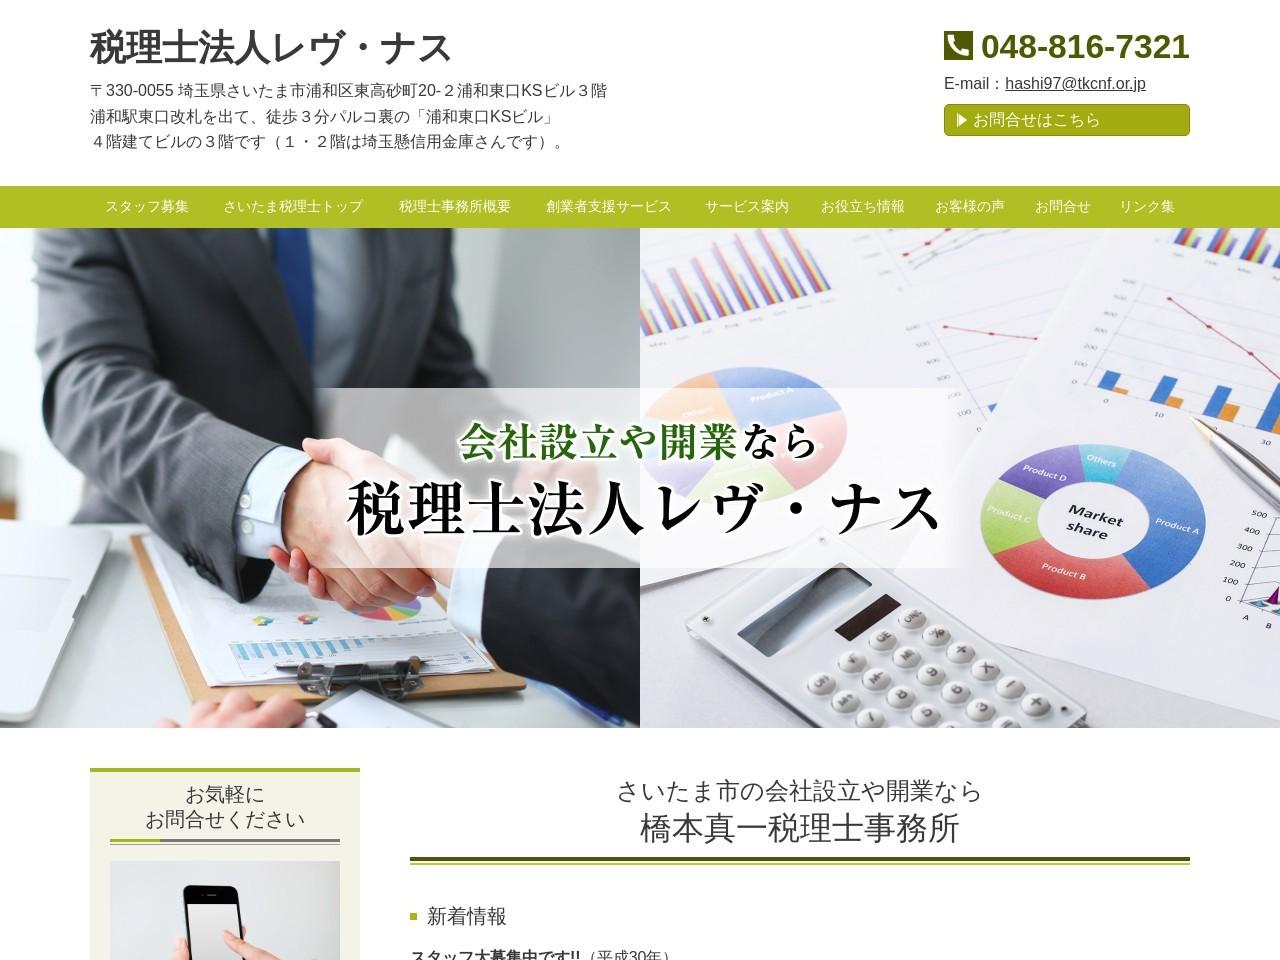 橋本真一税理士事務所